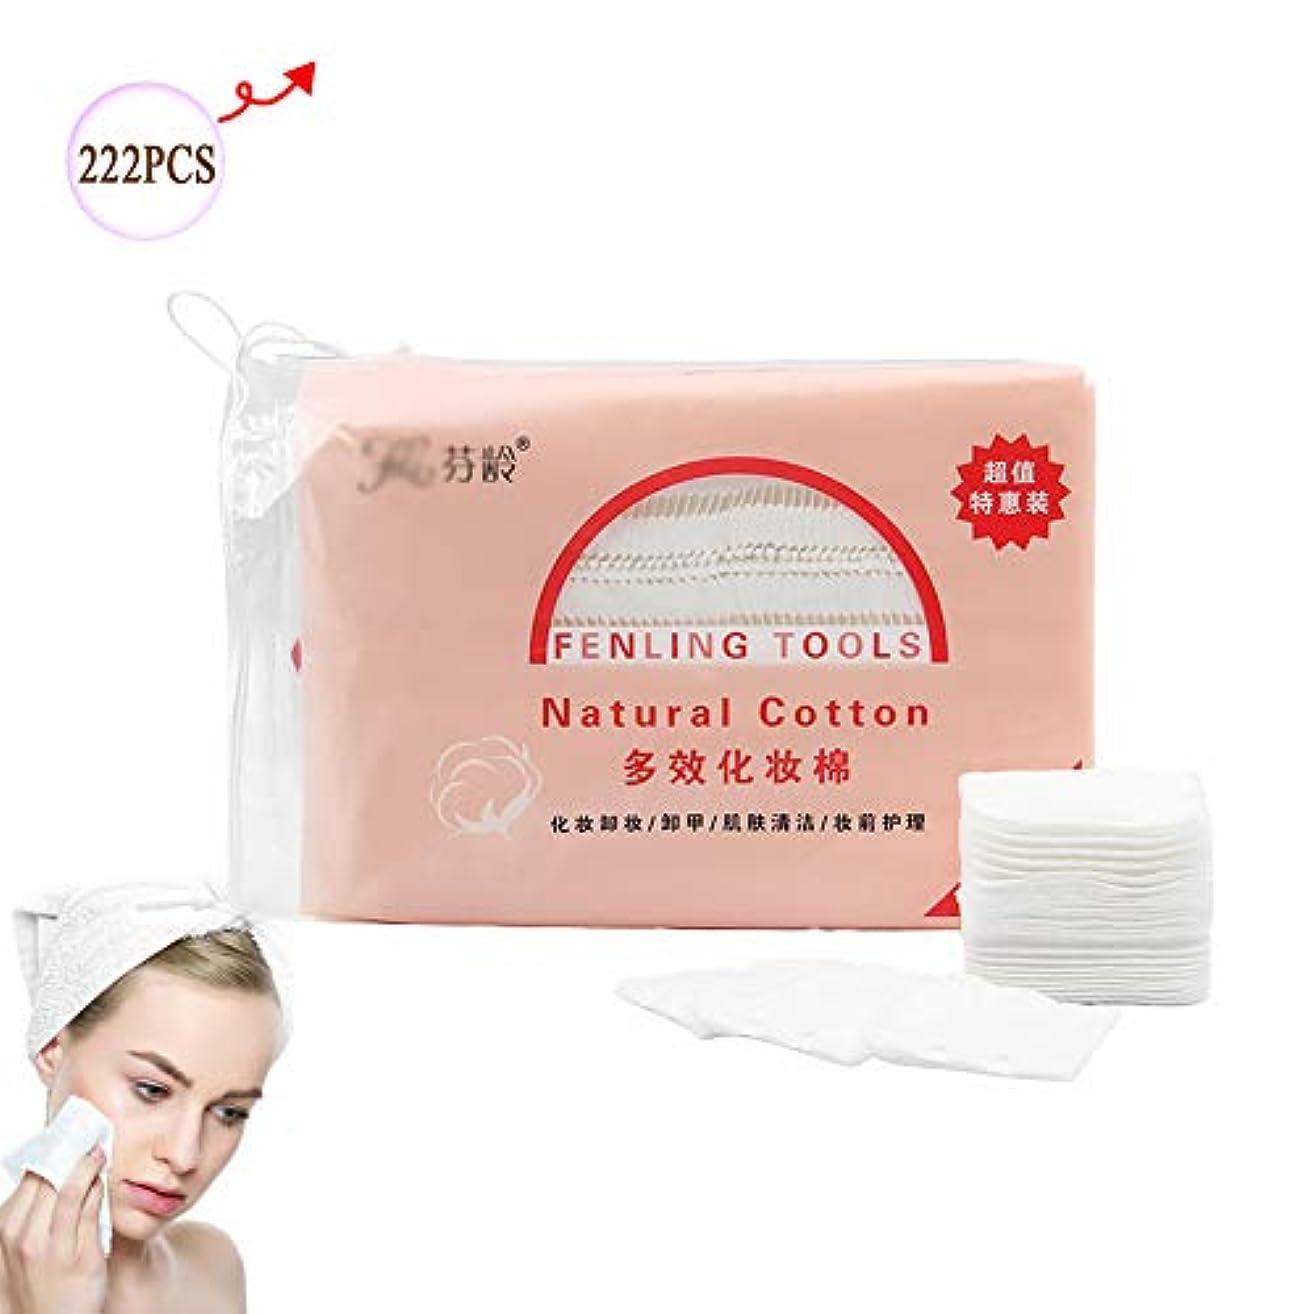 腹部用心深いチャップメイク落としパッド、顔用洗顔料コットンパッド洗顔用女性と男性(222PCS)